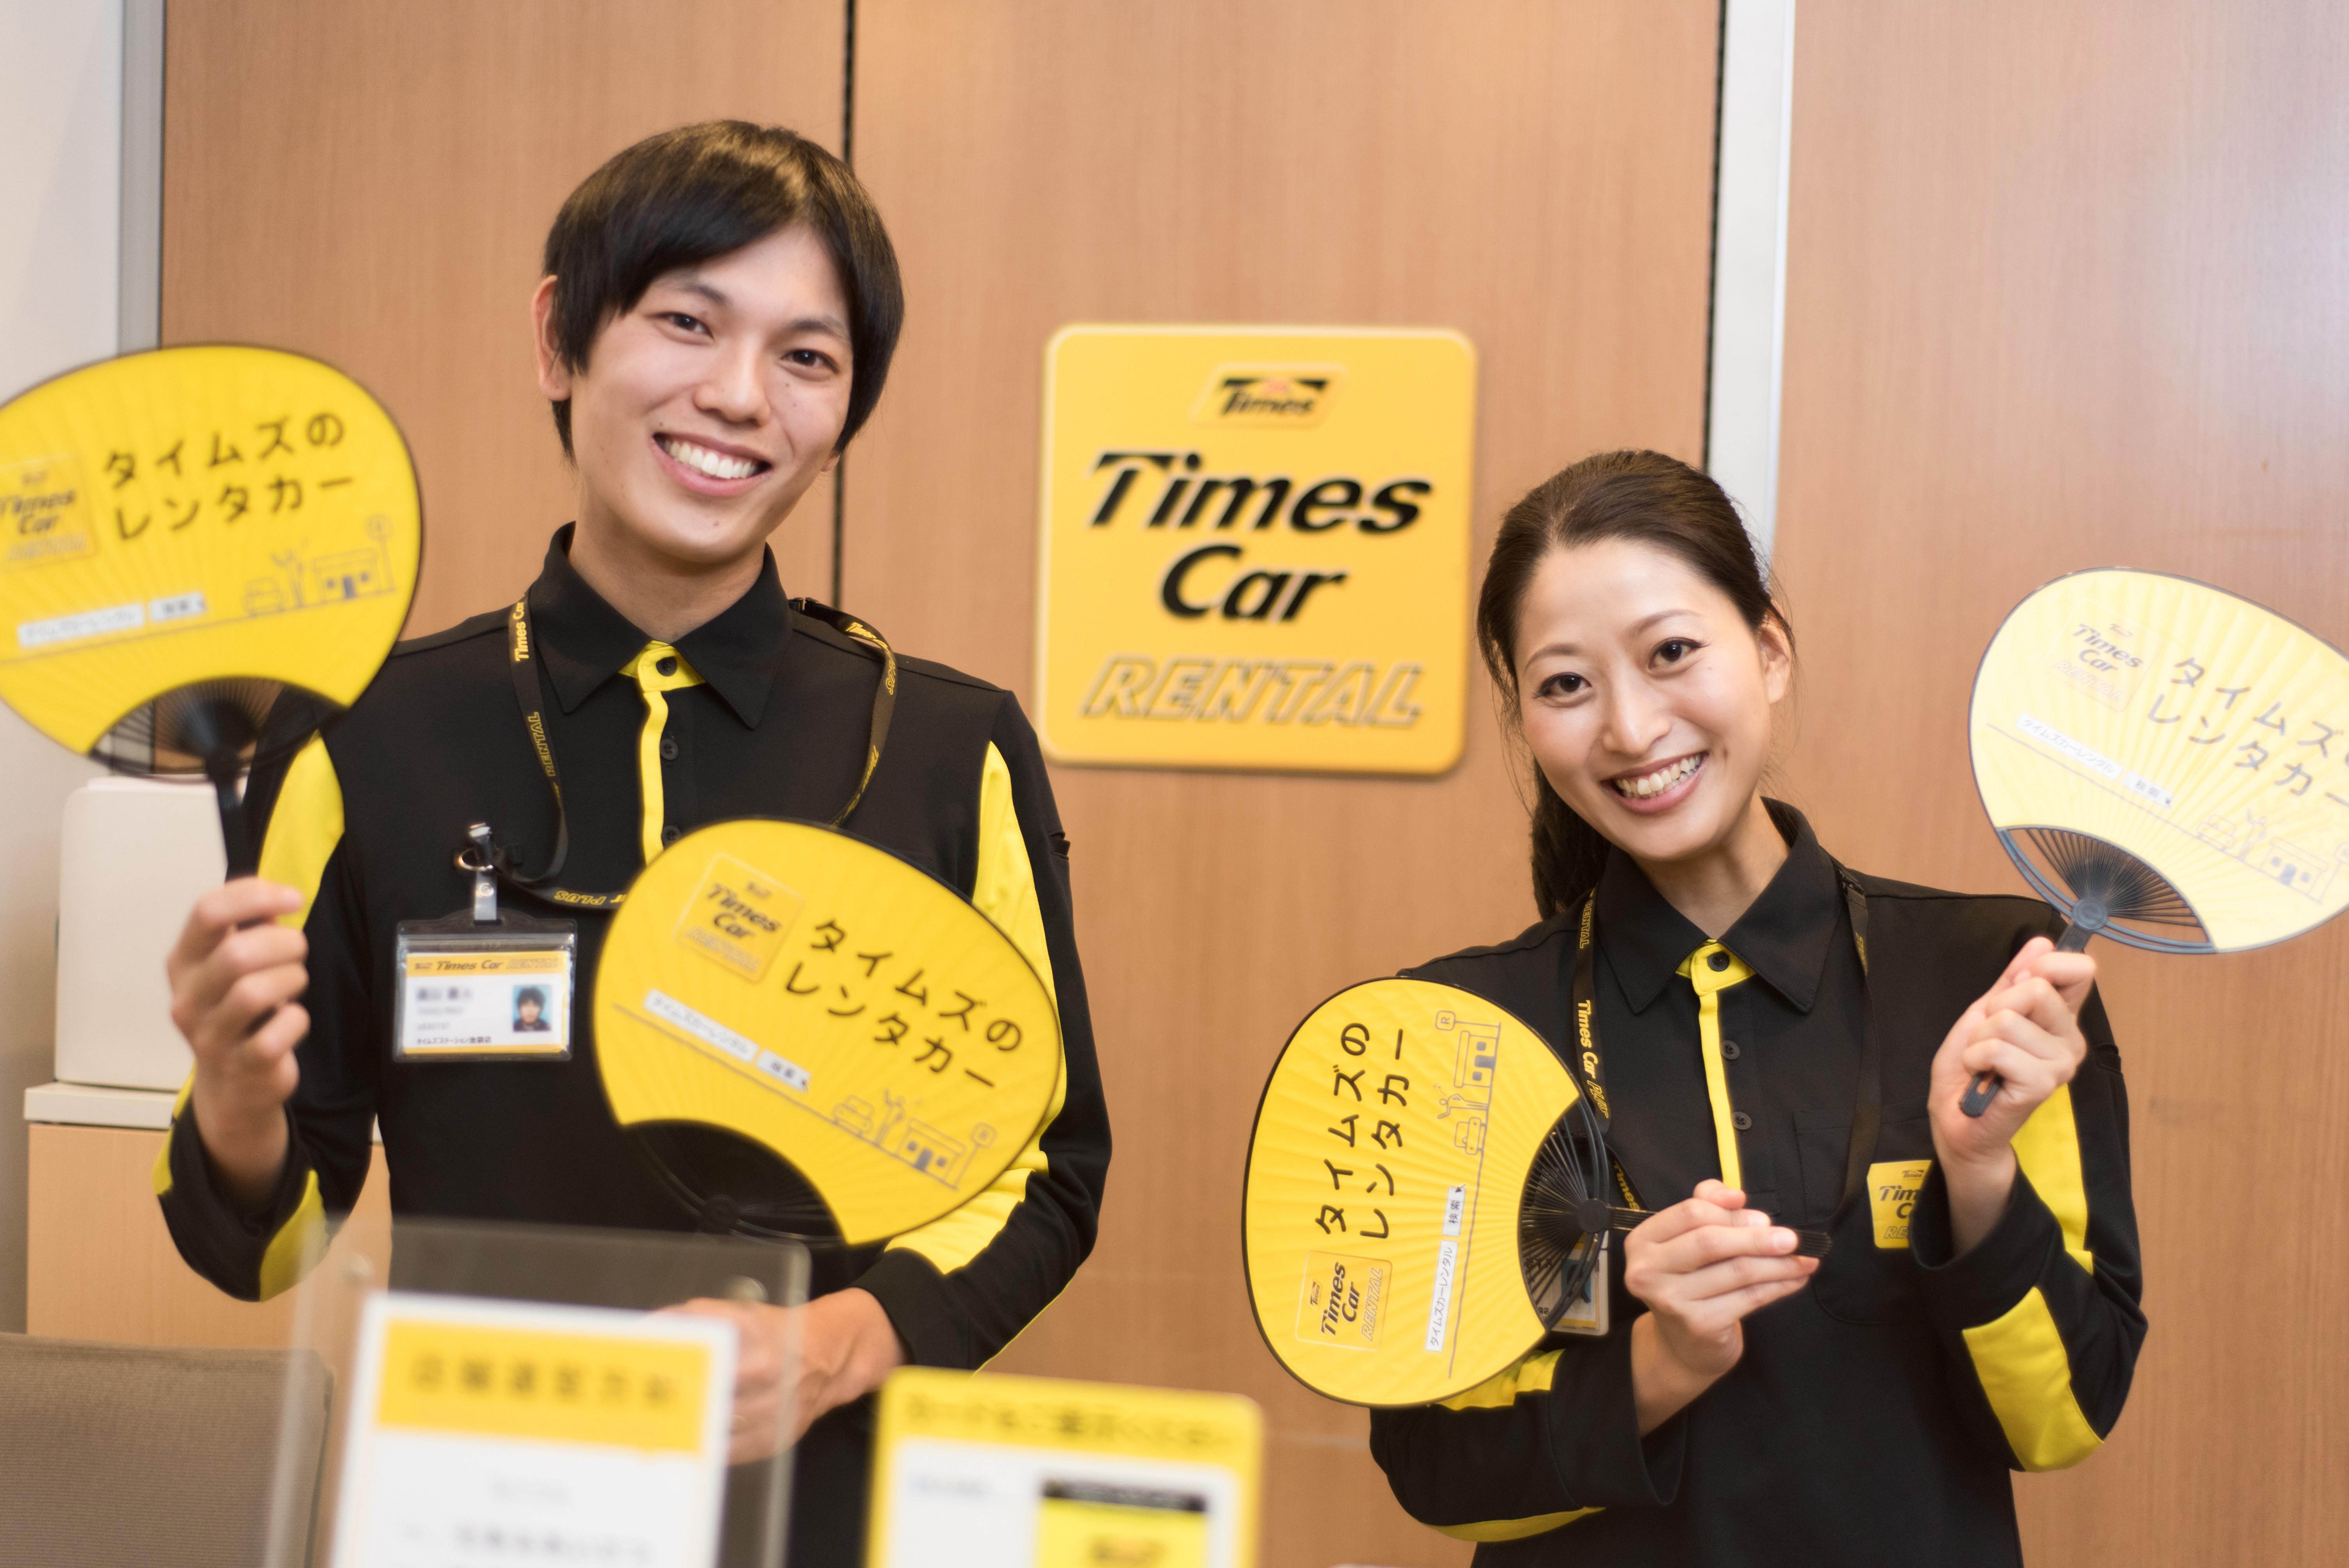 タイムズカーレンタル 仙台南店 のアルバイト情報